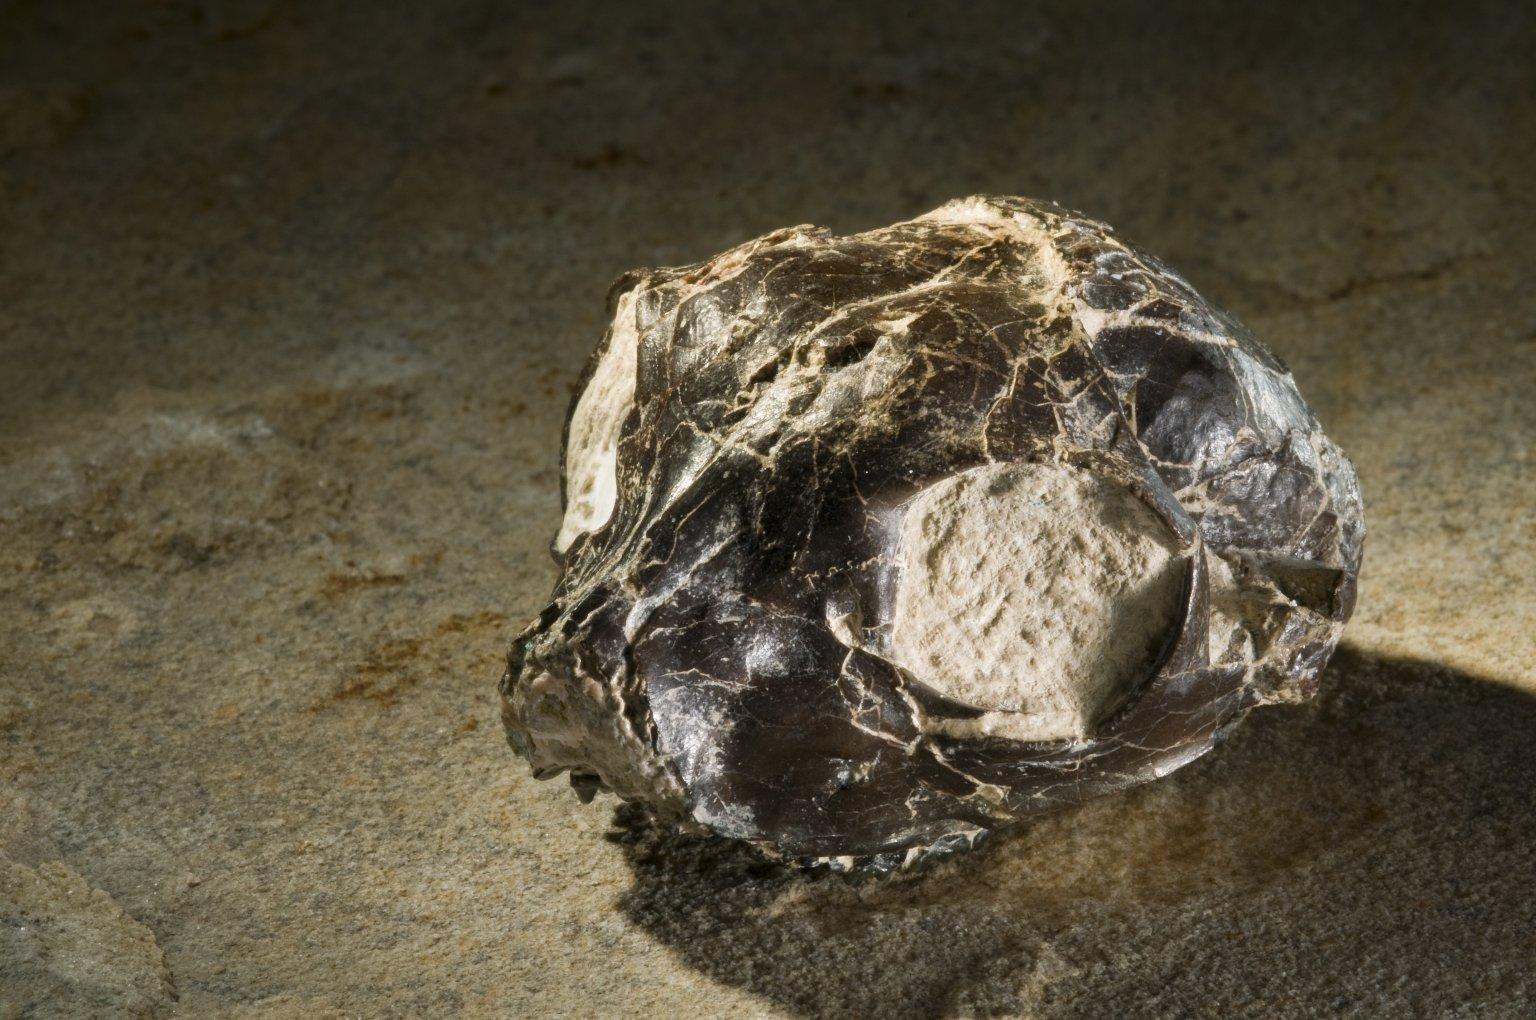 Smilodectes Gracilis Skull